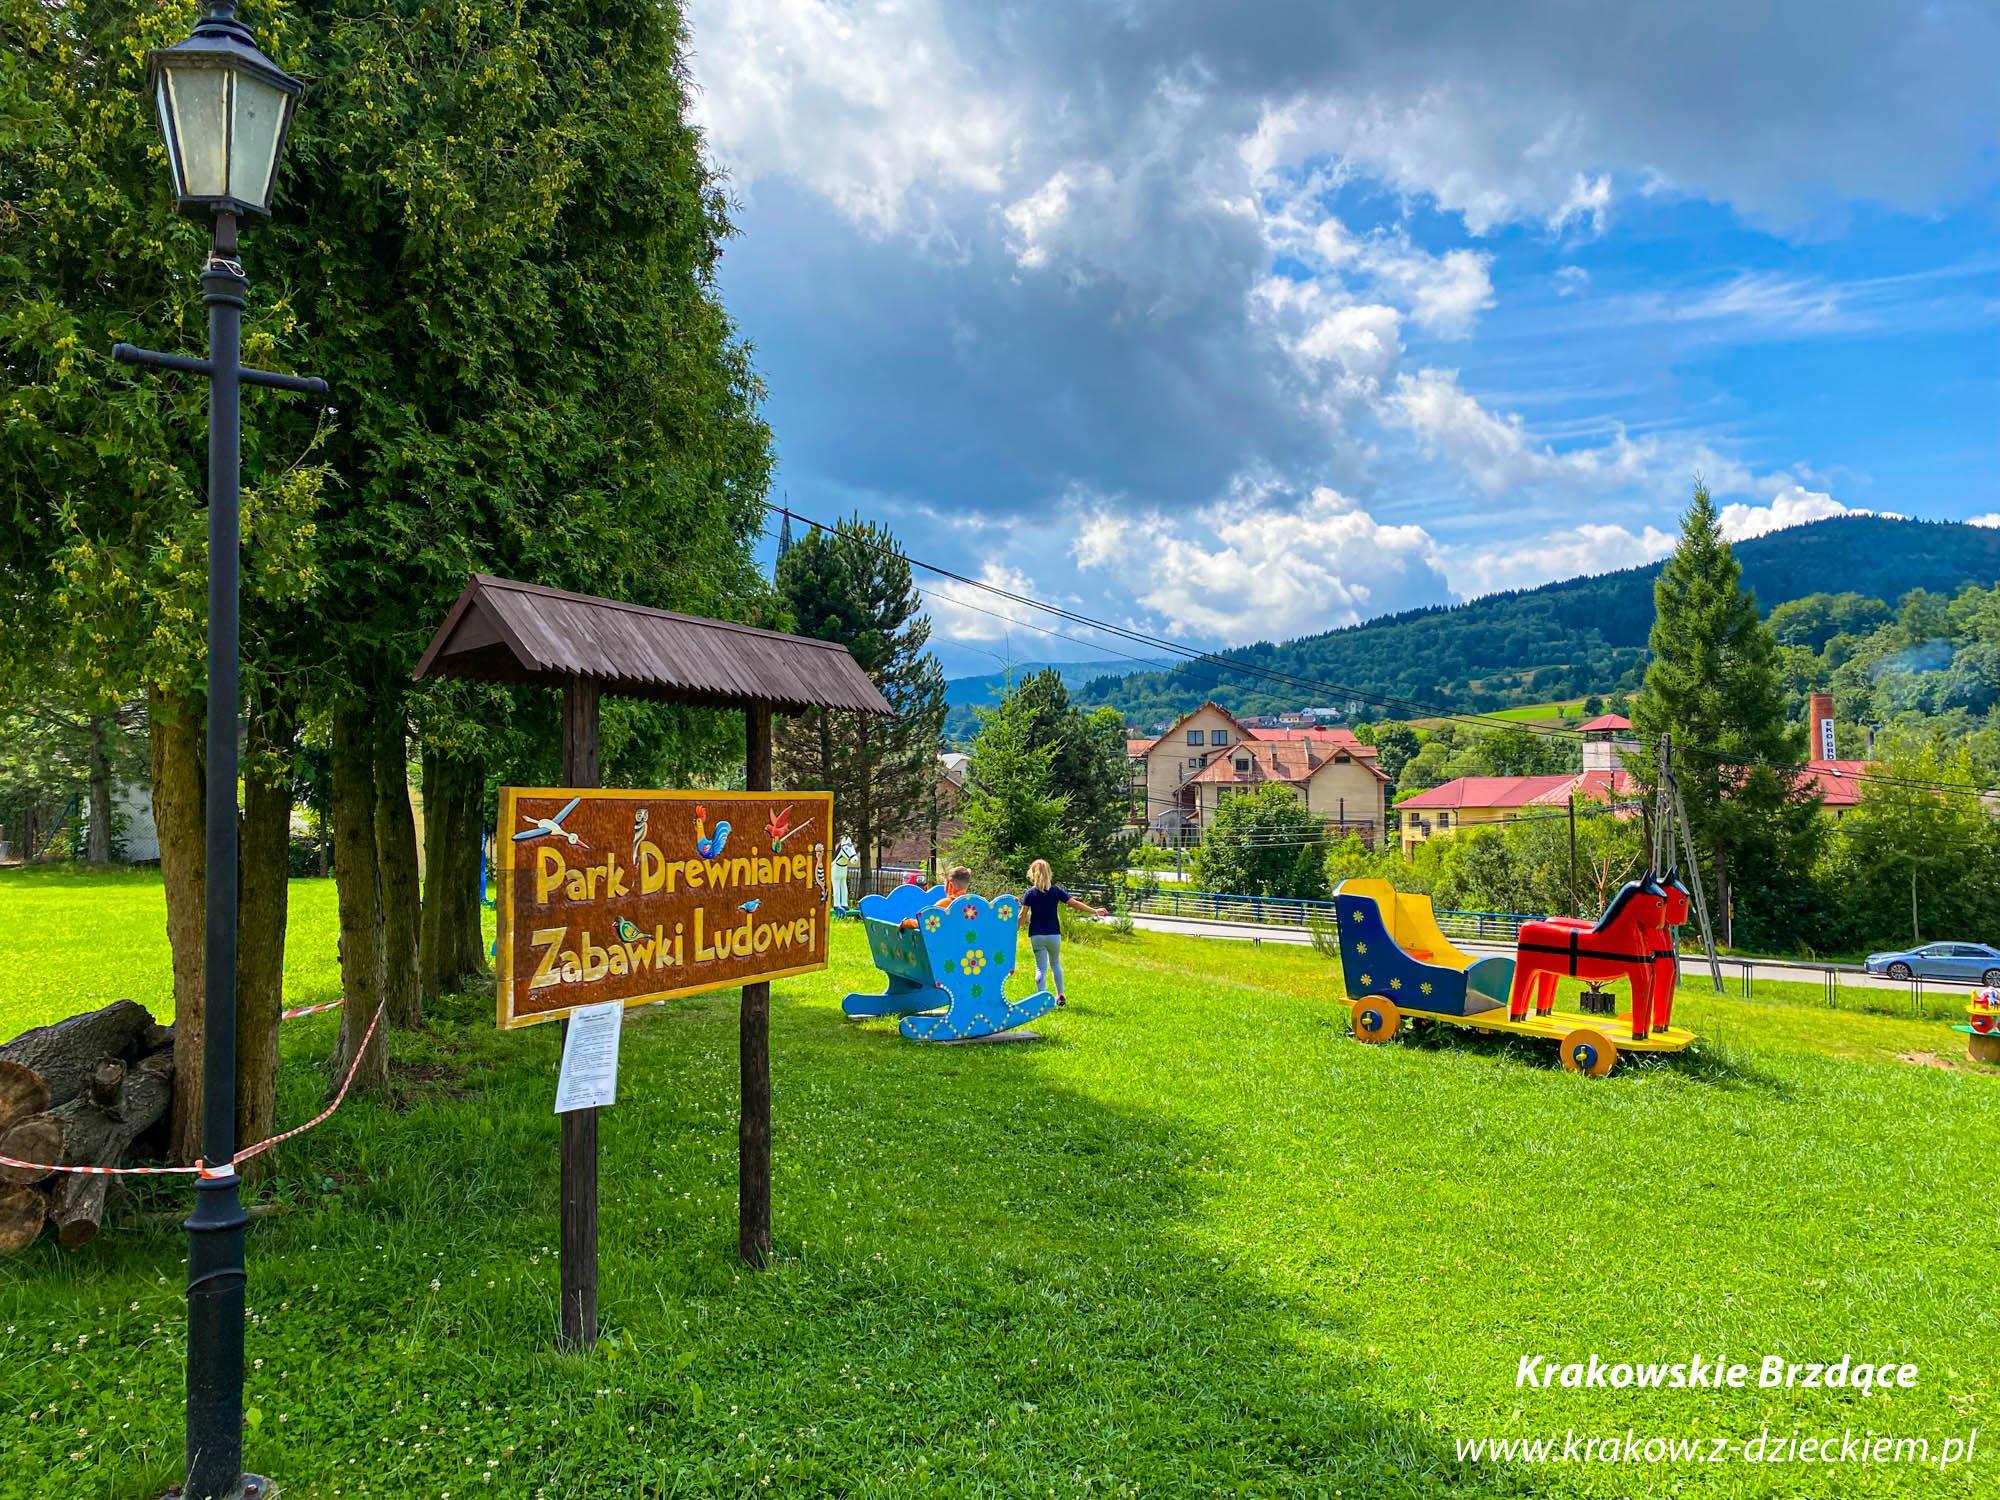 park drewnianej zabawki ludowej